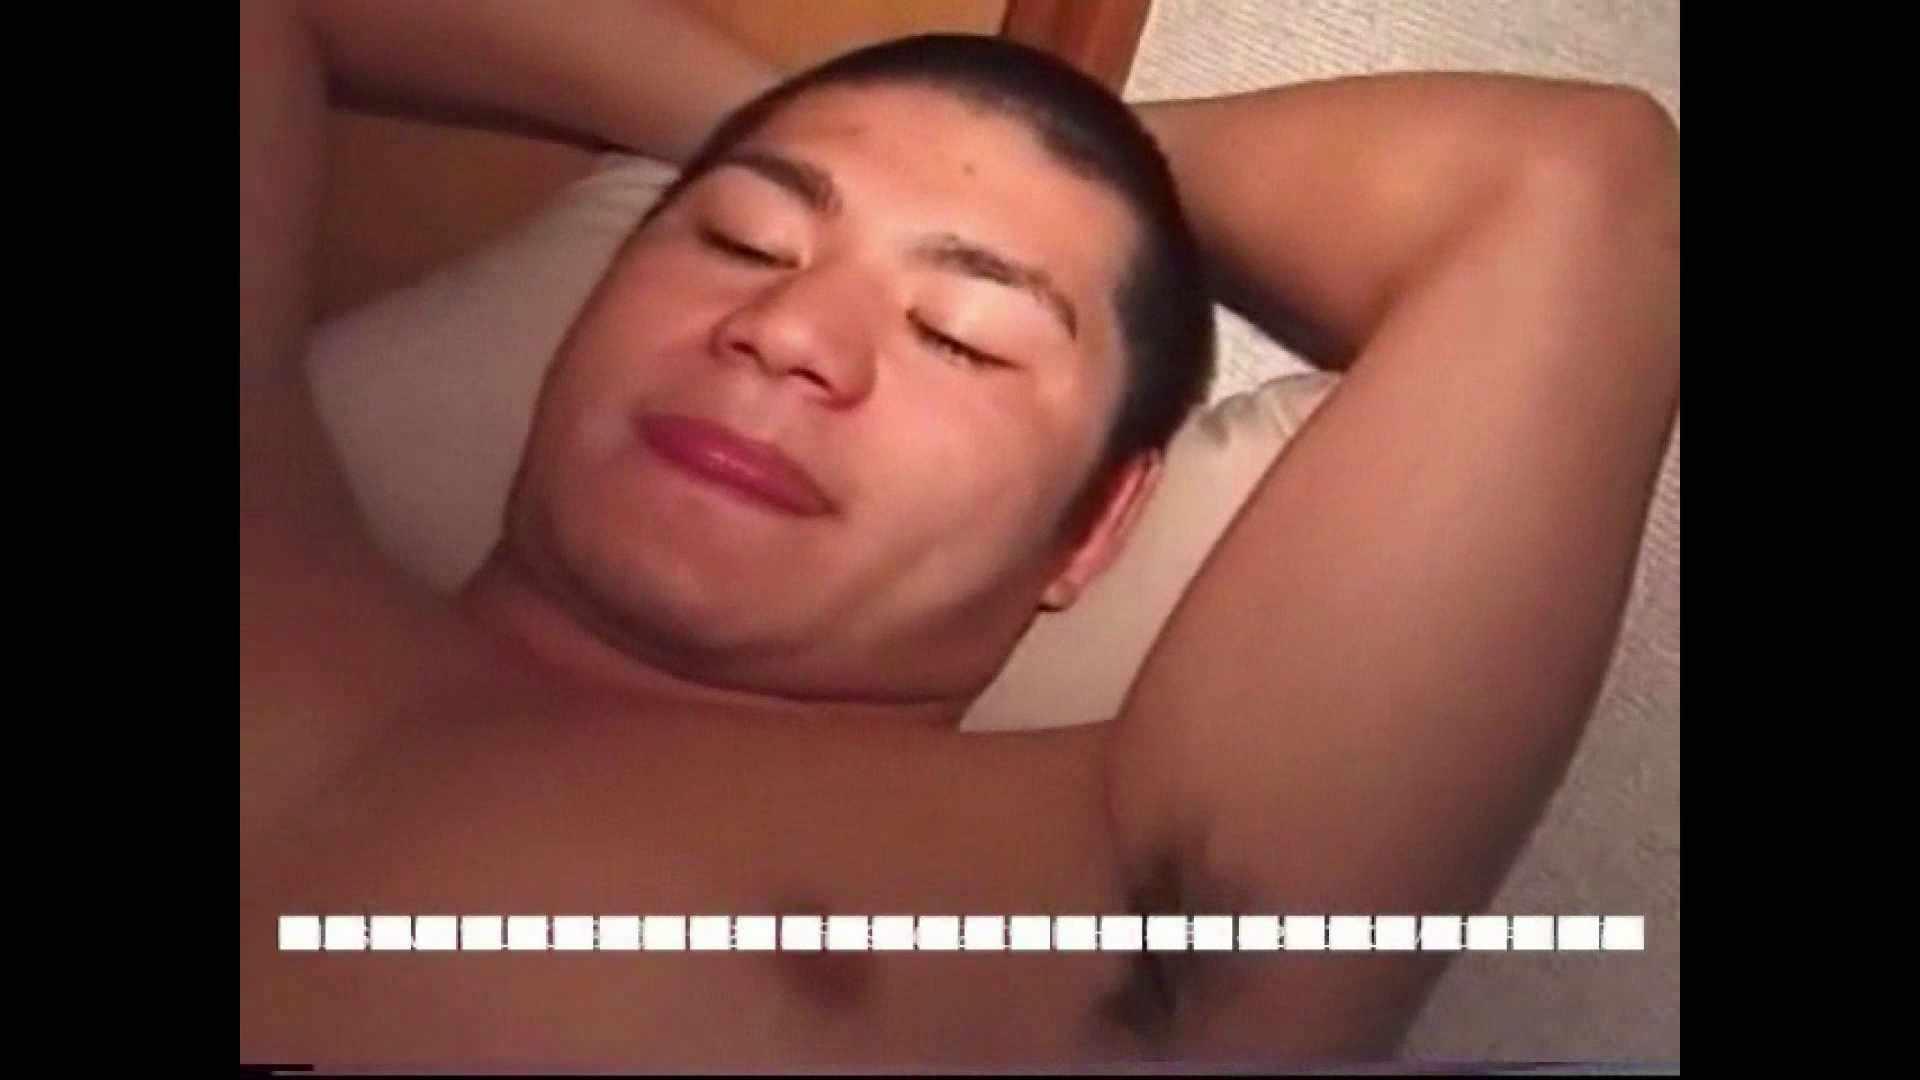 オナれ!集まれ!イケてるメンズ達!!File.41 スジ筋系男子 ゲイSEX画像 100枚 24